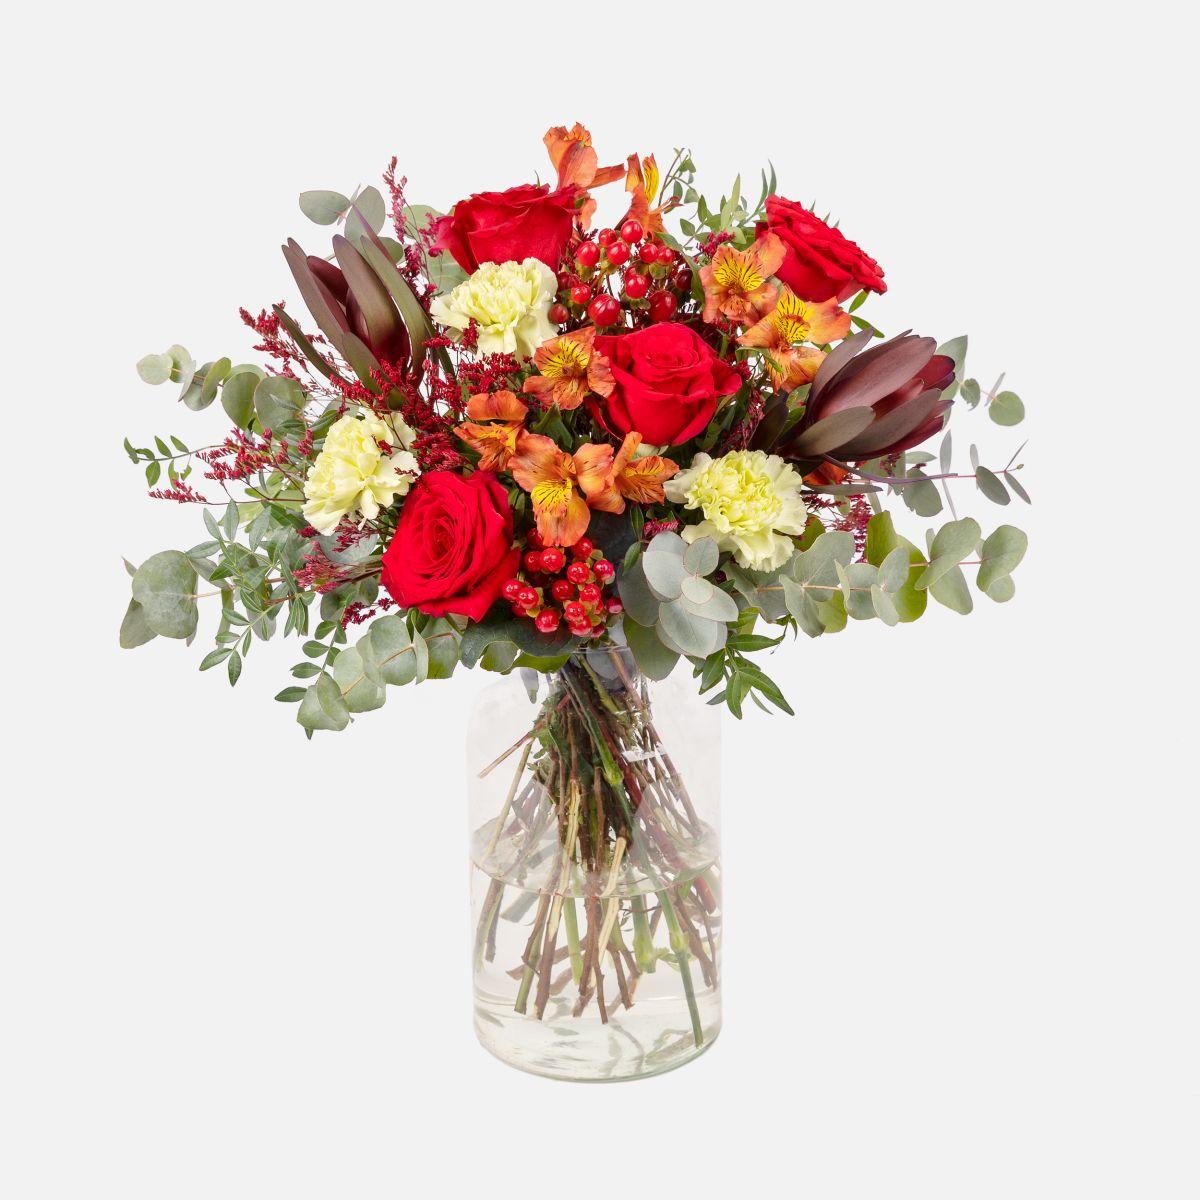 secar ramos de flores con rosas rojas